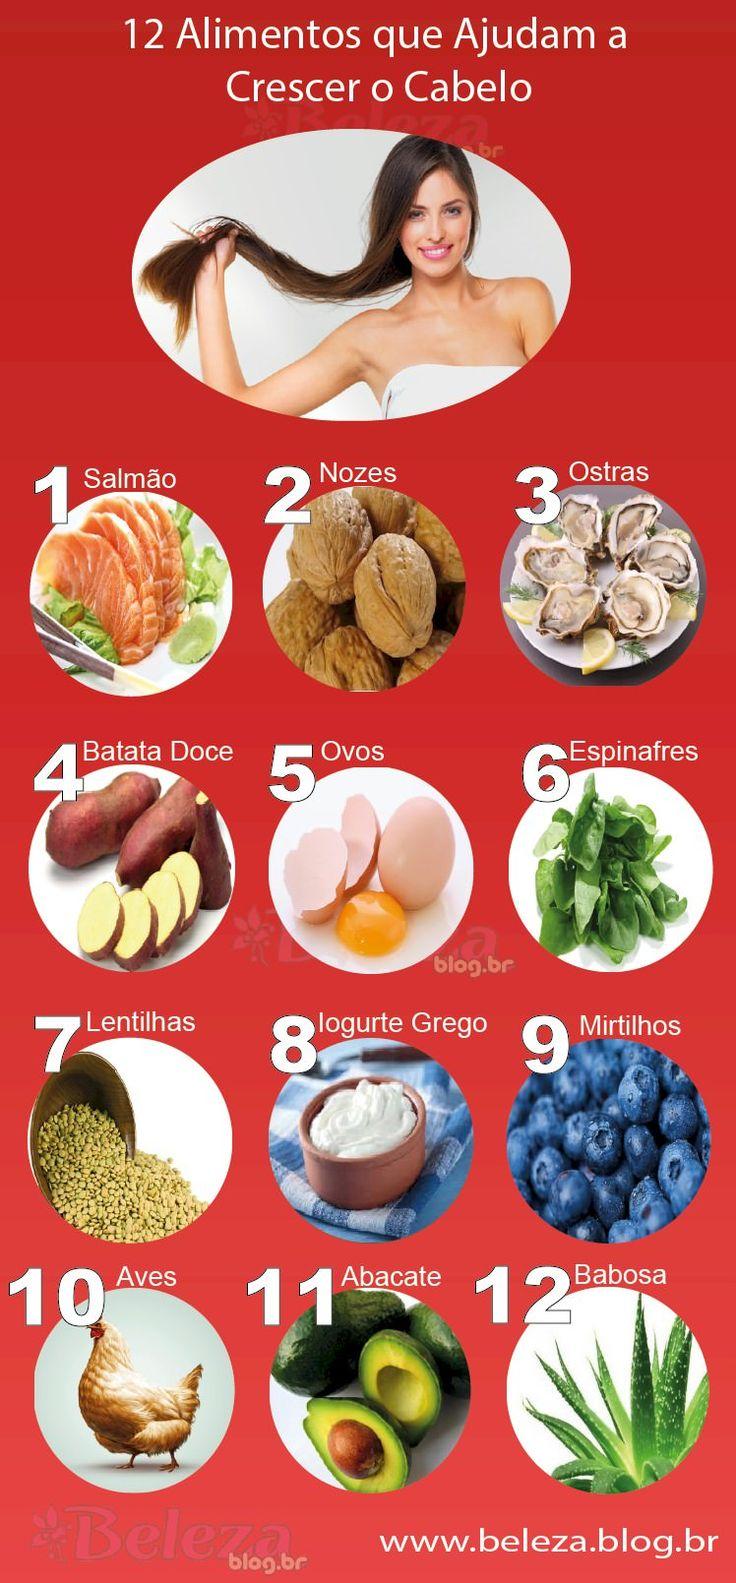 Alimentos que Ajudam o Cabelo a Crescer